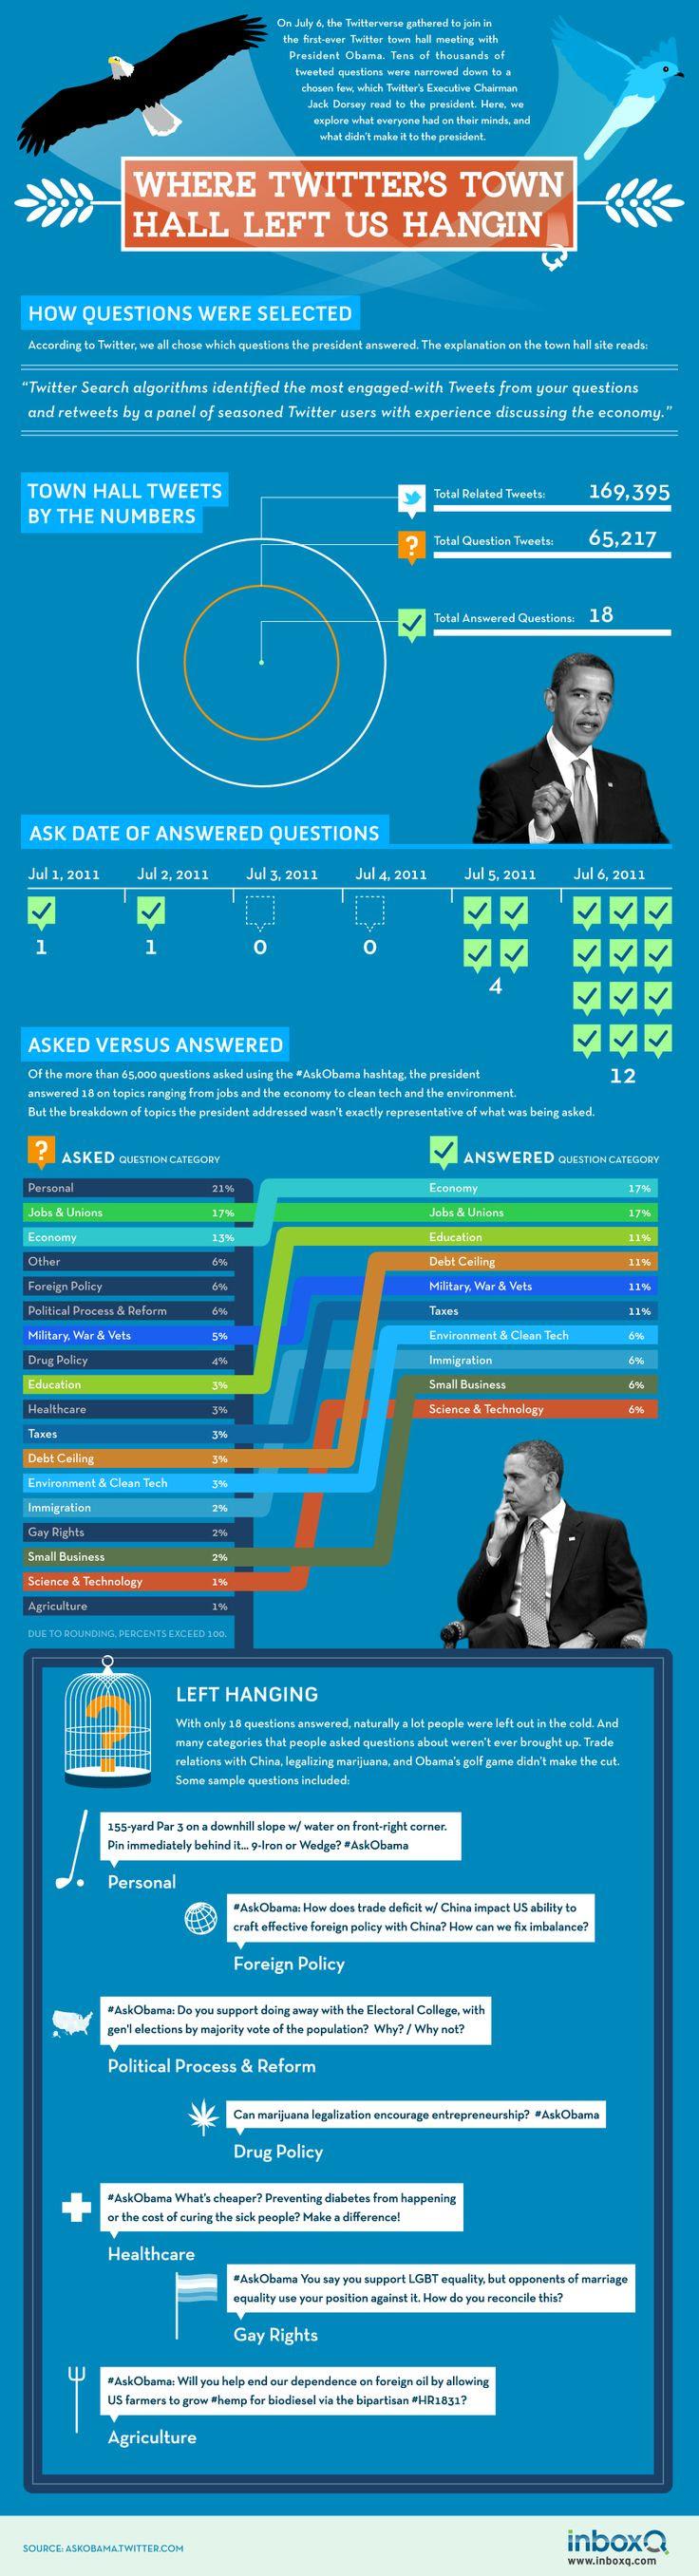 #AskObama: Where Twitter's Tow